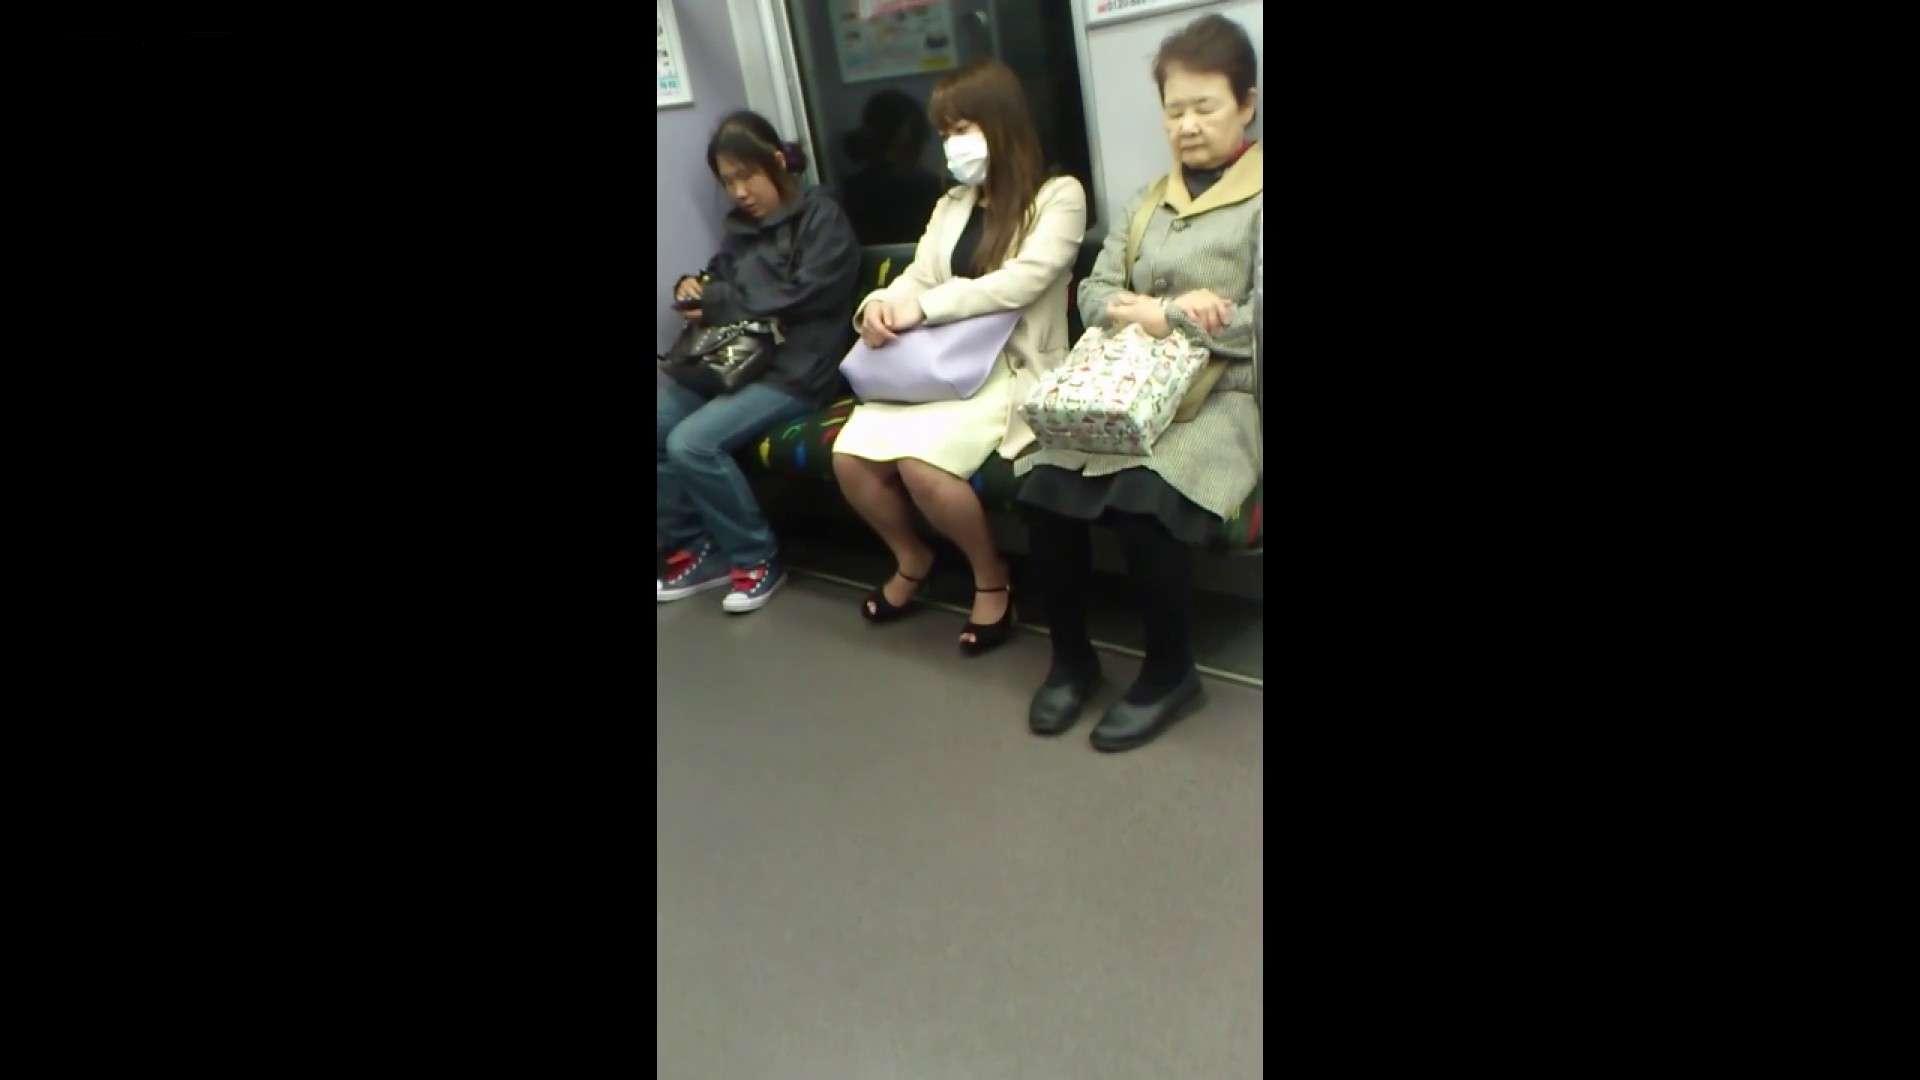 盗撮列車 Vol.55 黄色の爽やかなスカートが大好きです。 むっちりガール | 車で・・・  89枚 61